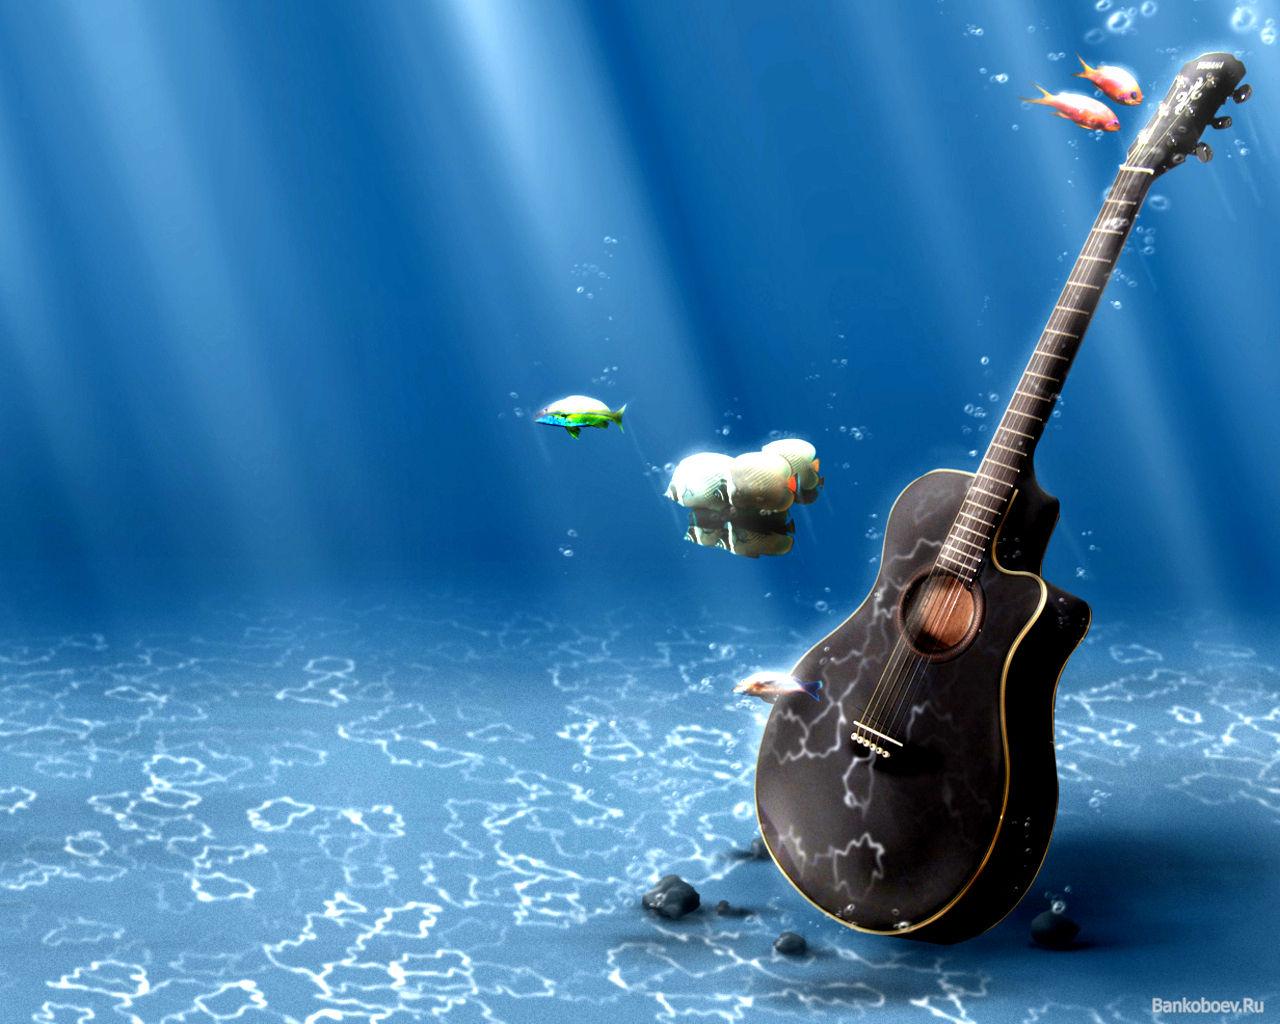 Animated Aquarium Wallpaper For Windows 7 Free Wix Com Musicas Del Mundo Created By Andariegamusical